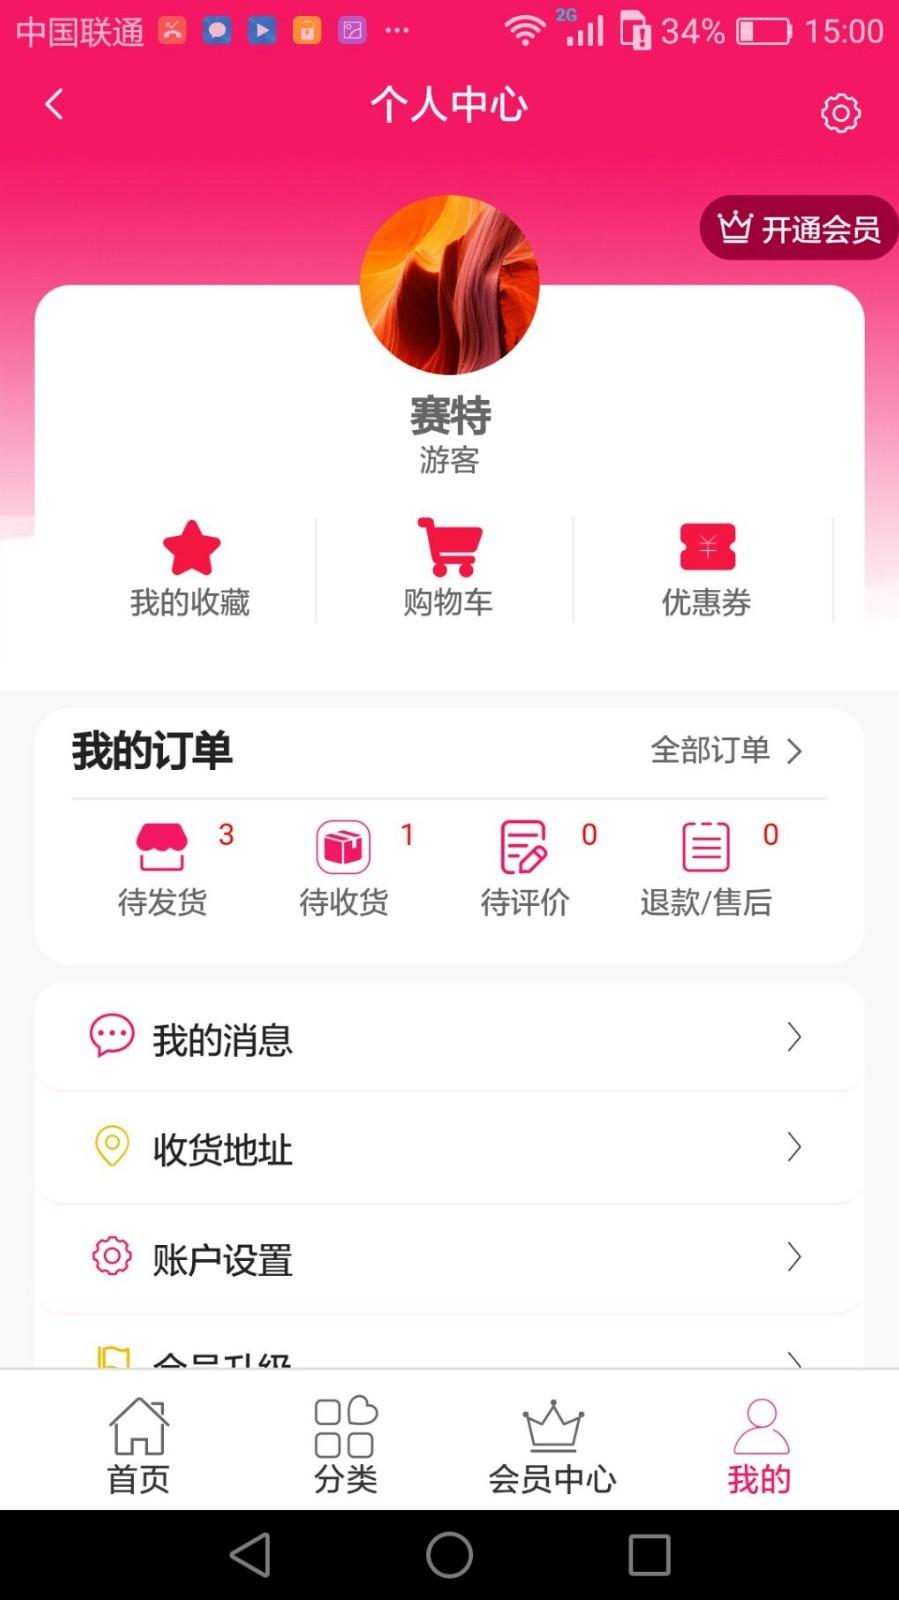 榴莲购App官方版图片1